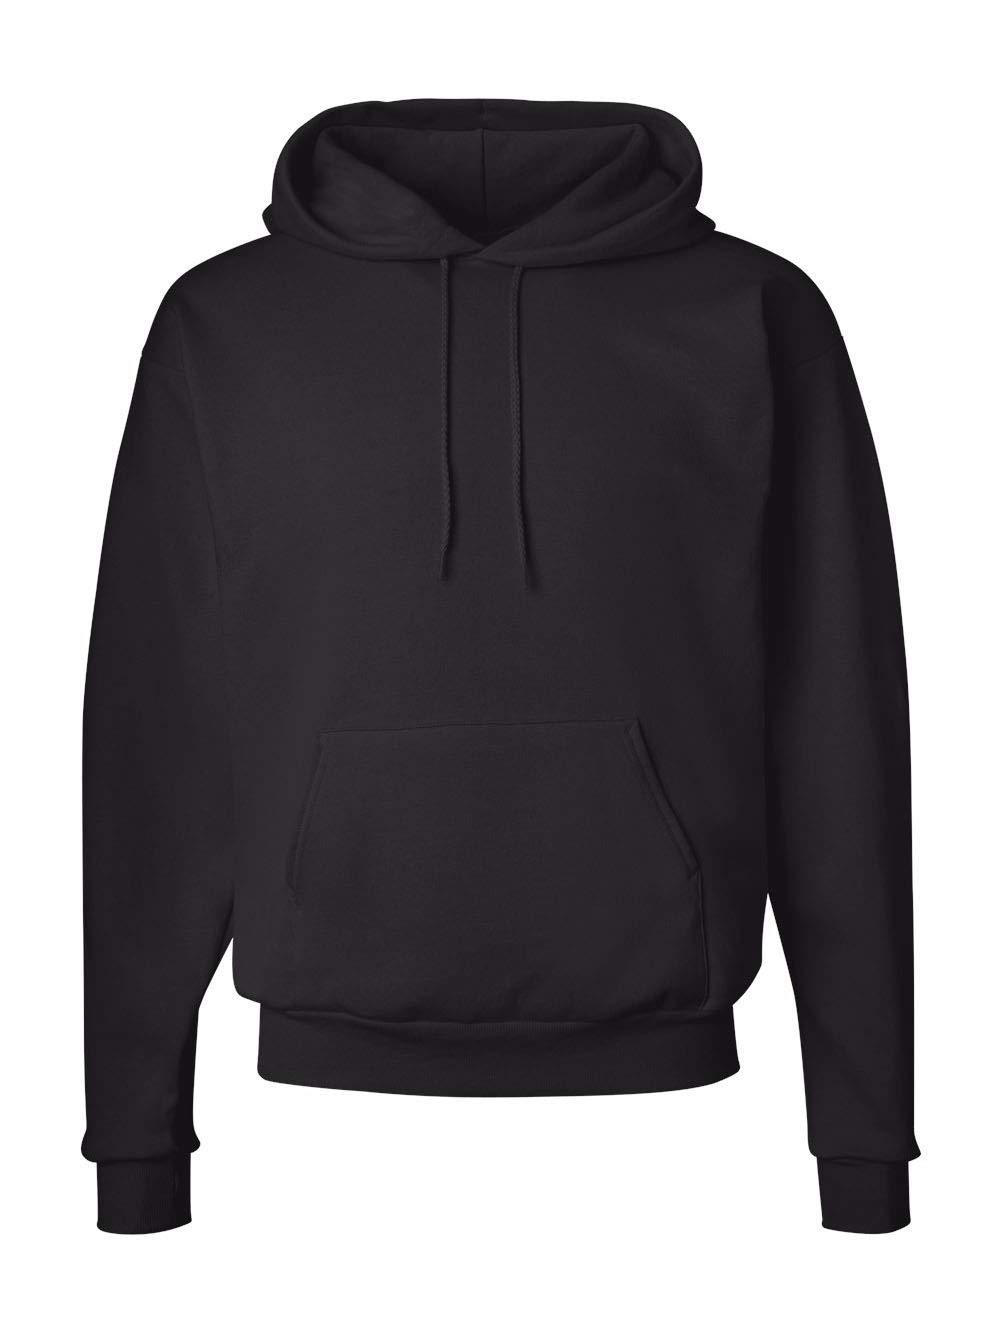 Hanes Men's Pullover EcoSmart Fleece Hoodie, Black, Medium